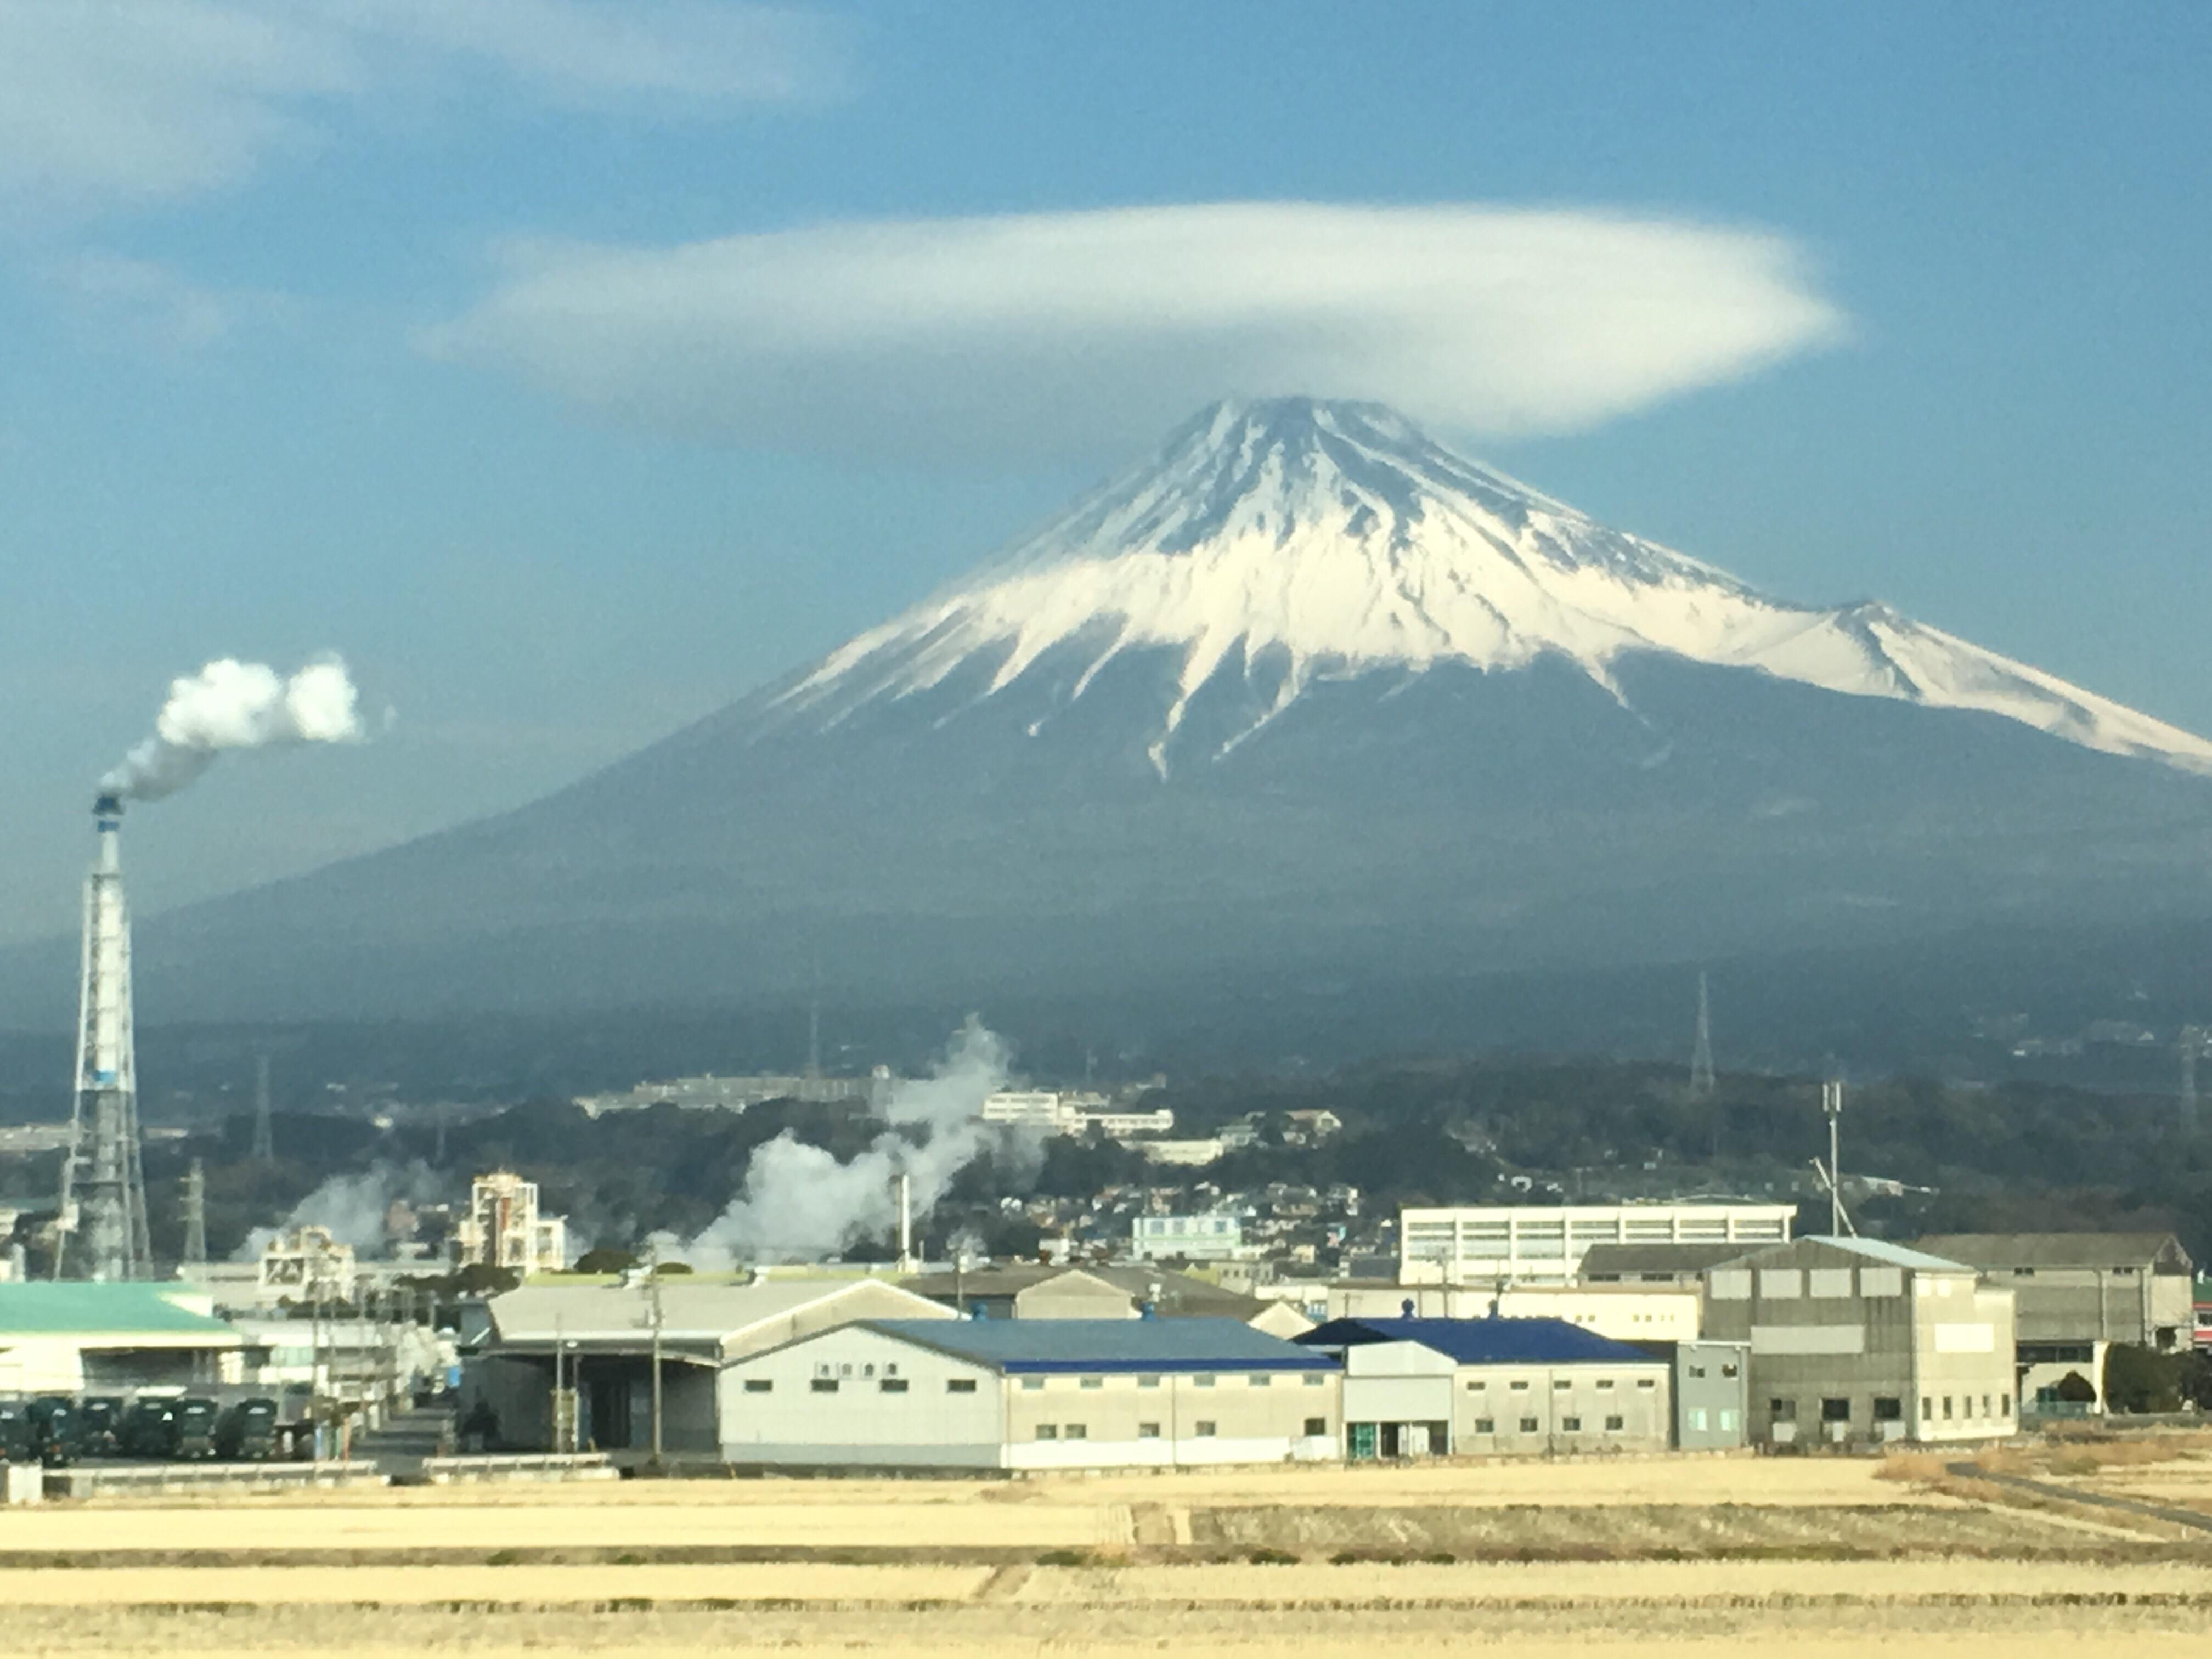 201802_傘雲を被った富士山